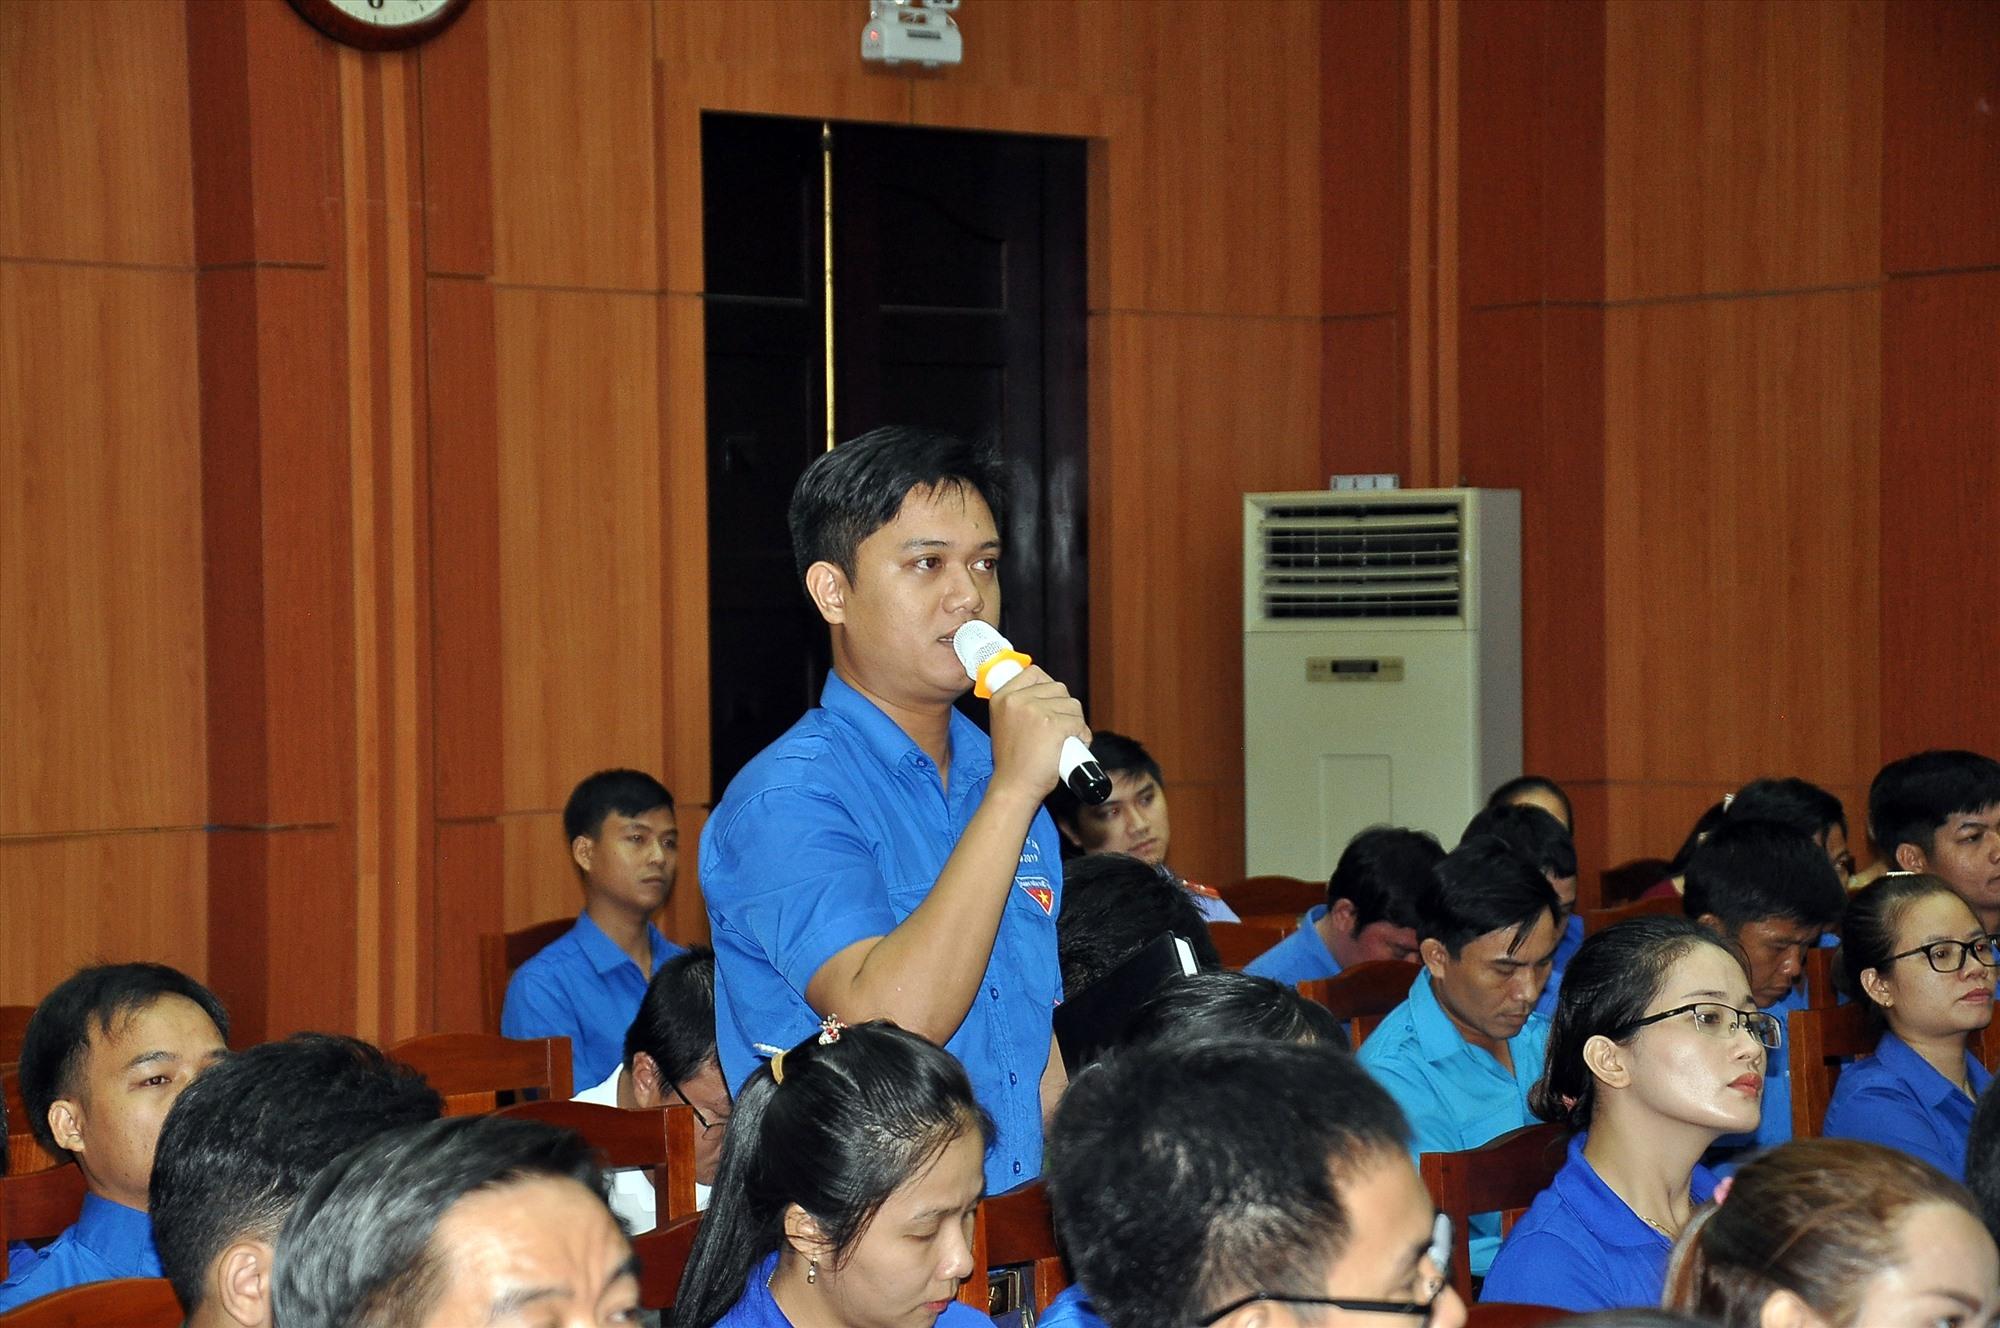 Đại biểu thanh niên đặt câu hỏi cho chủ trì hội nghị đối thoại. Ảnh: VINH ANH